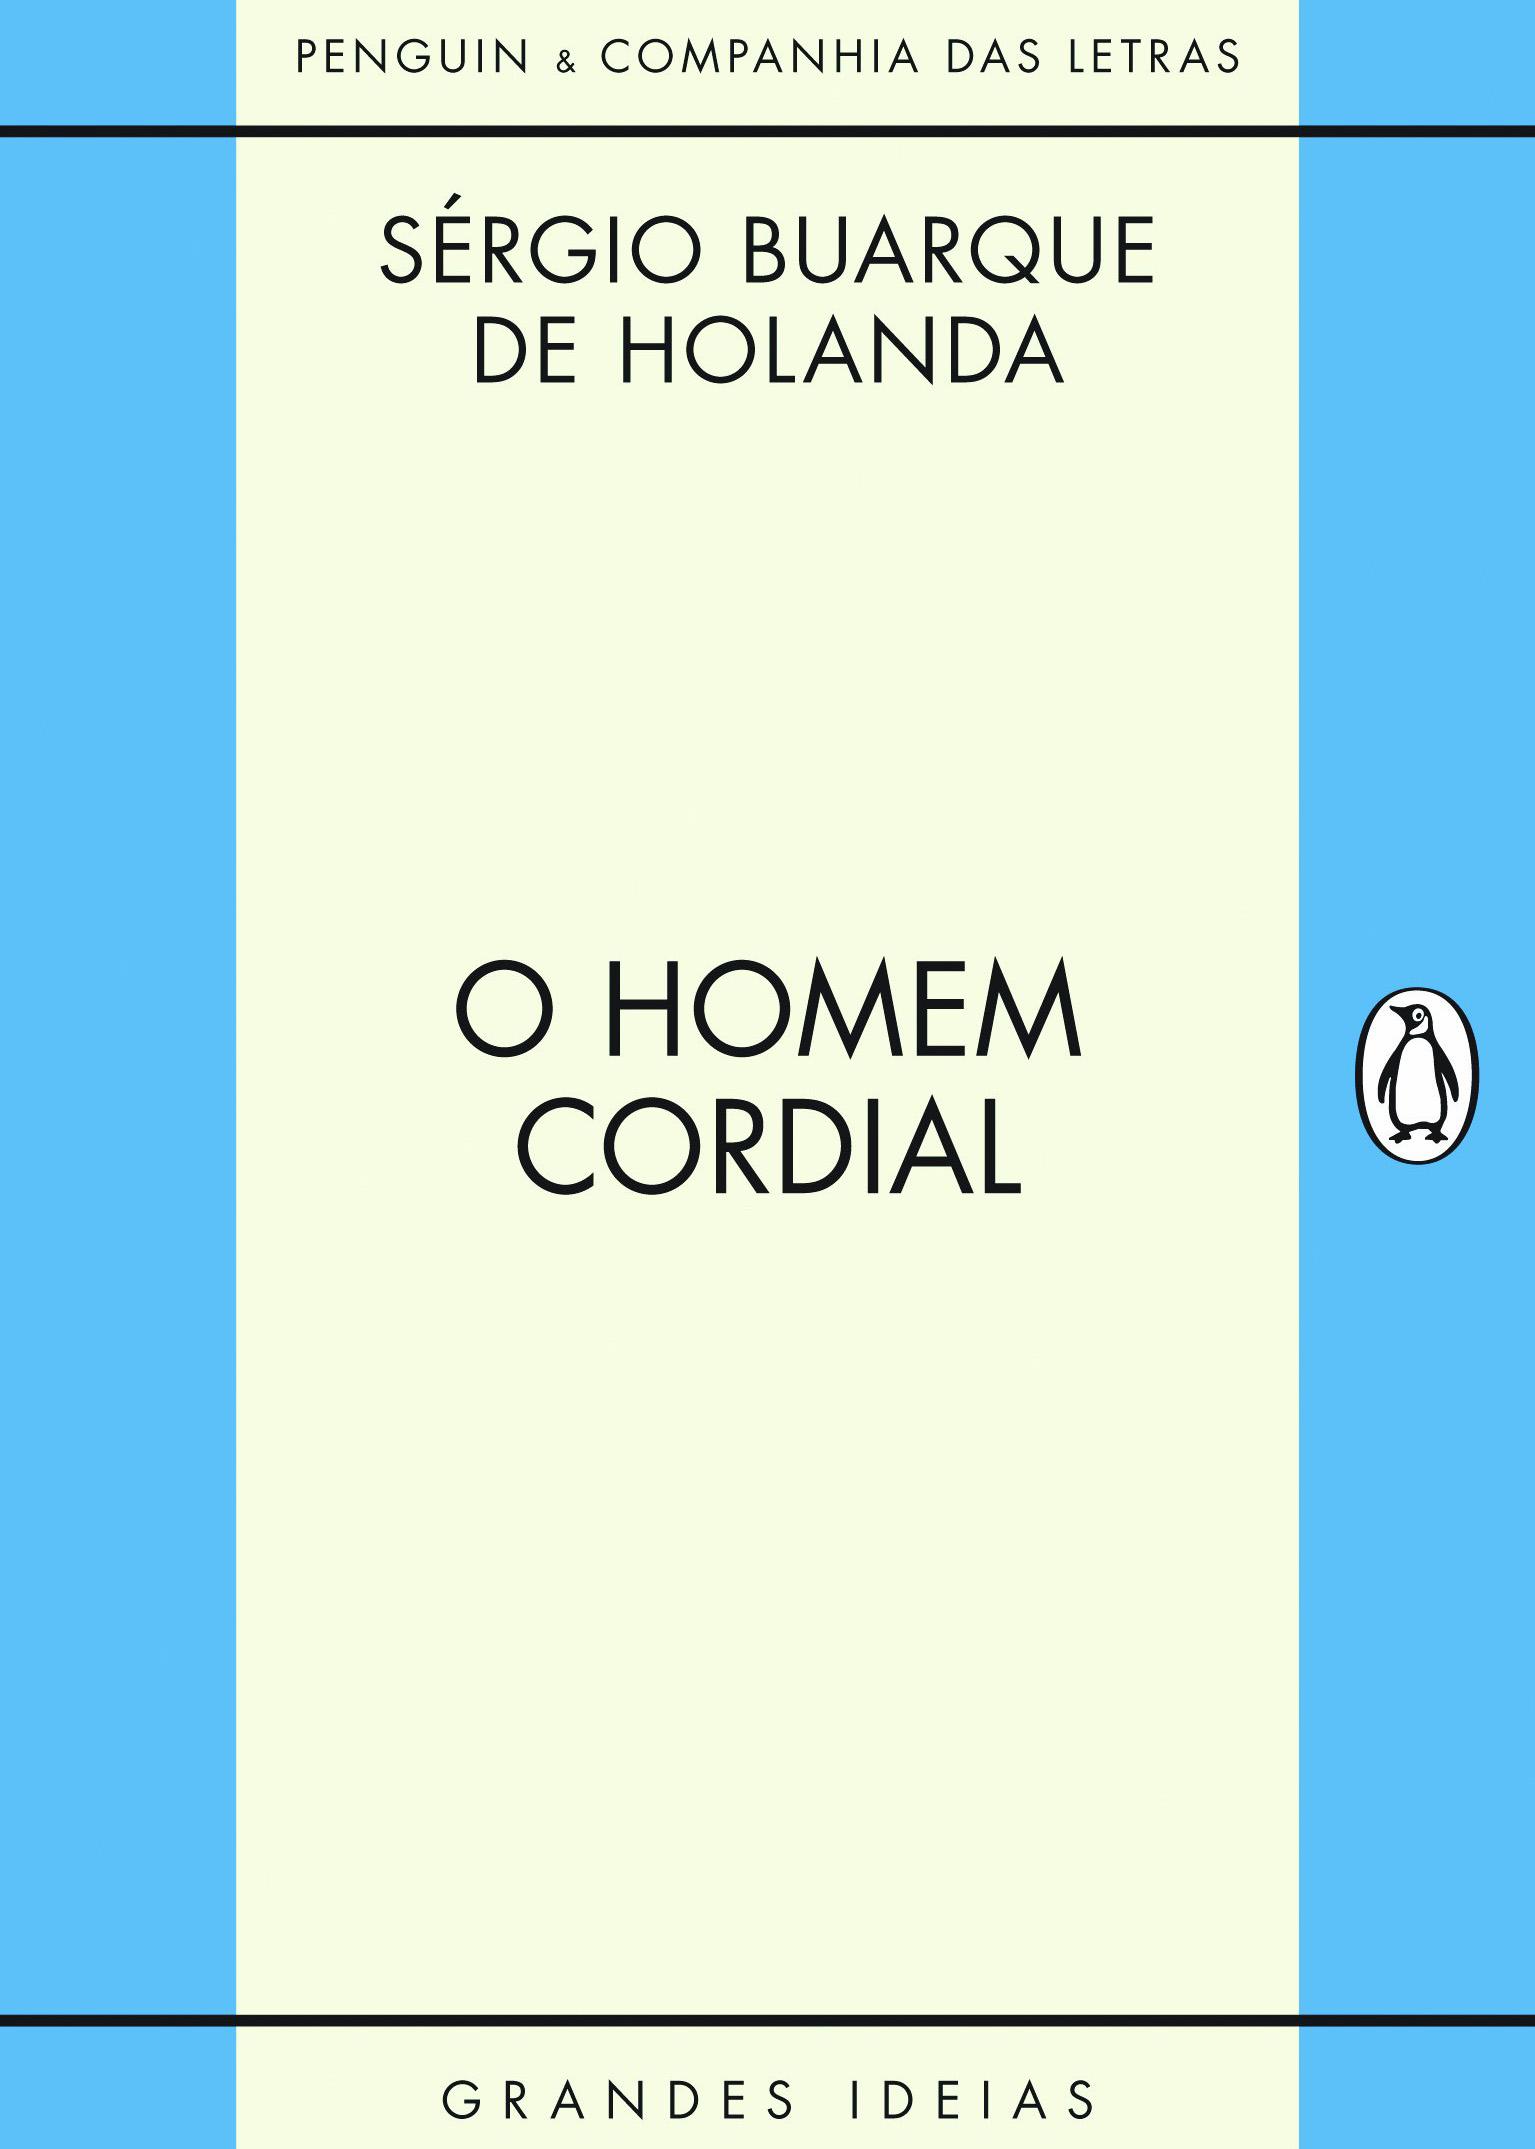 Holanda, Sérgio Buarque - O Homem Cordial.jpg